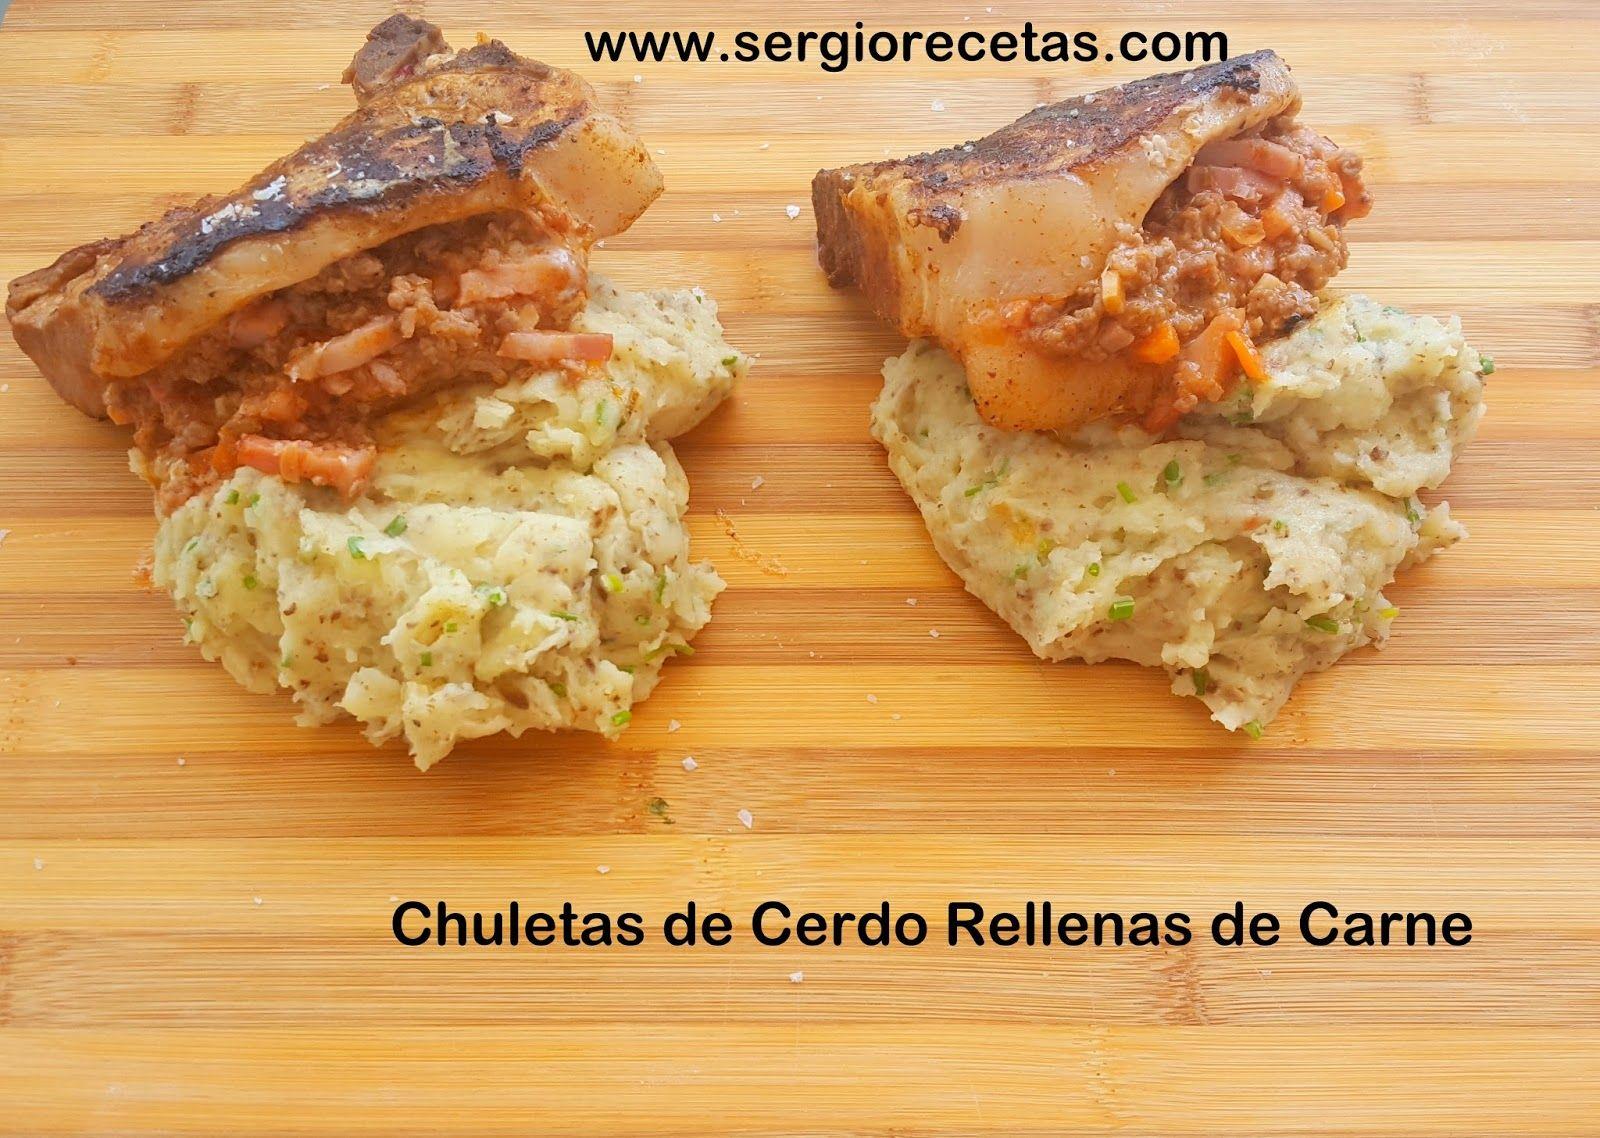 Cocinar Carnes   Sergio Benito Recetas Chuletas De Cerdo Rellenas De Carne Ideas